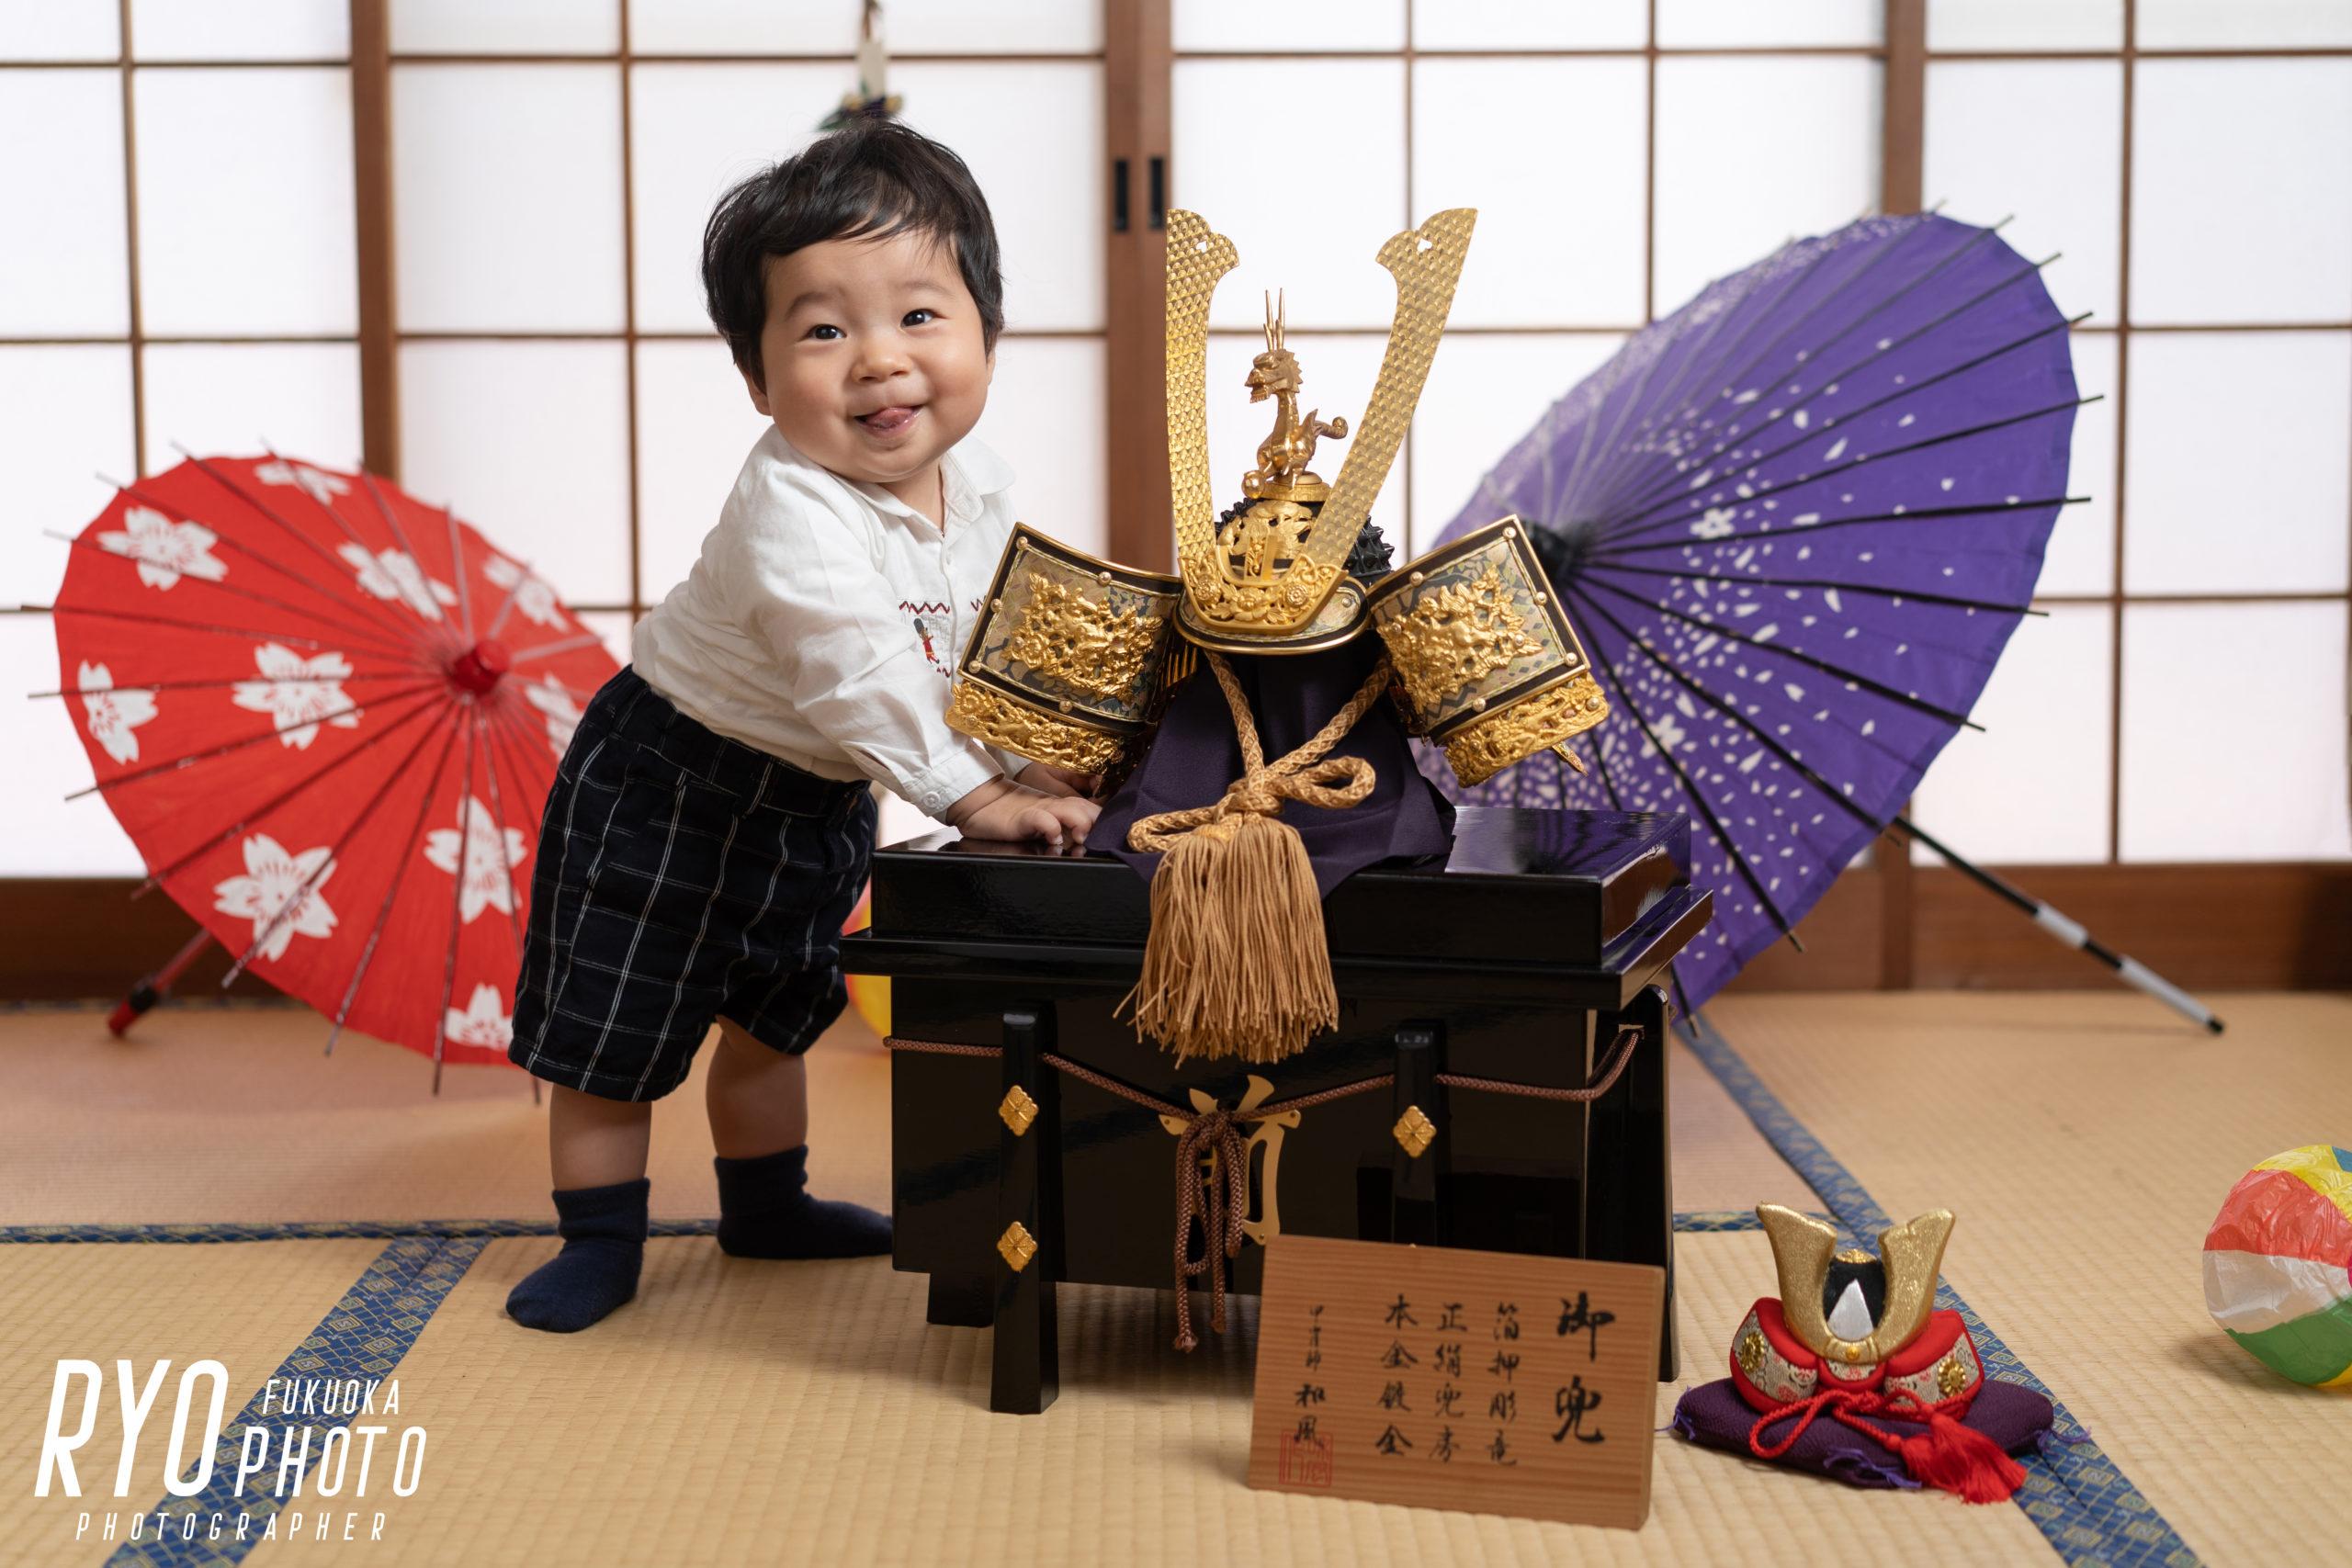 福岡の出張撮影サービス「RYO PHOTO(リョウフォト)」の出張カメラマン山口が福岡で出張撮影した初節句の写真